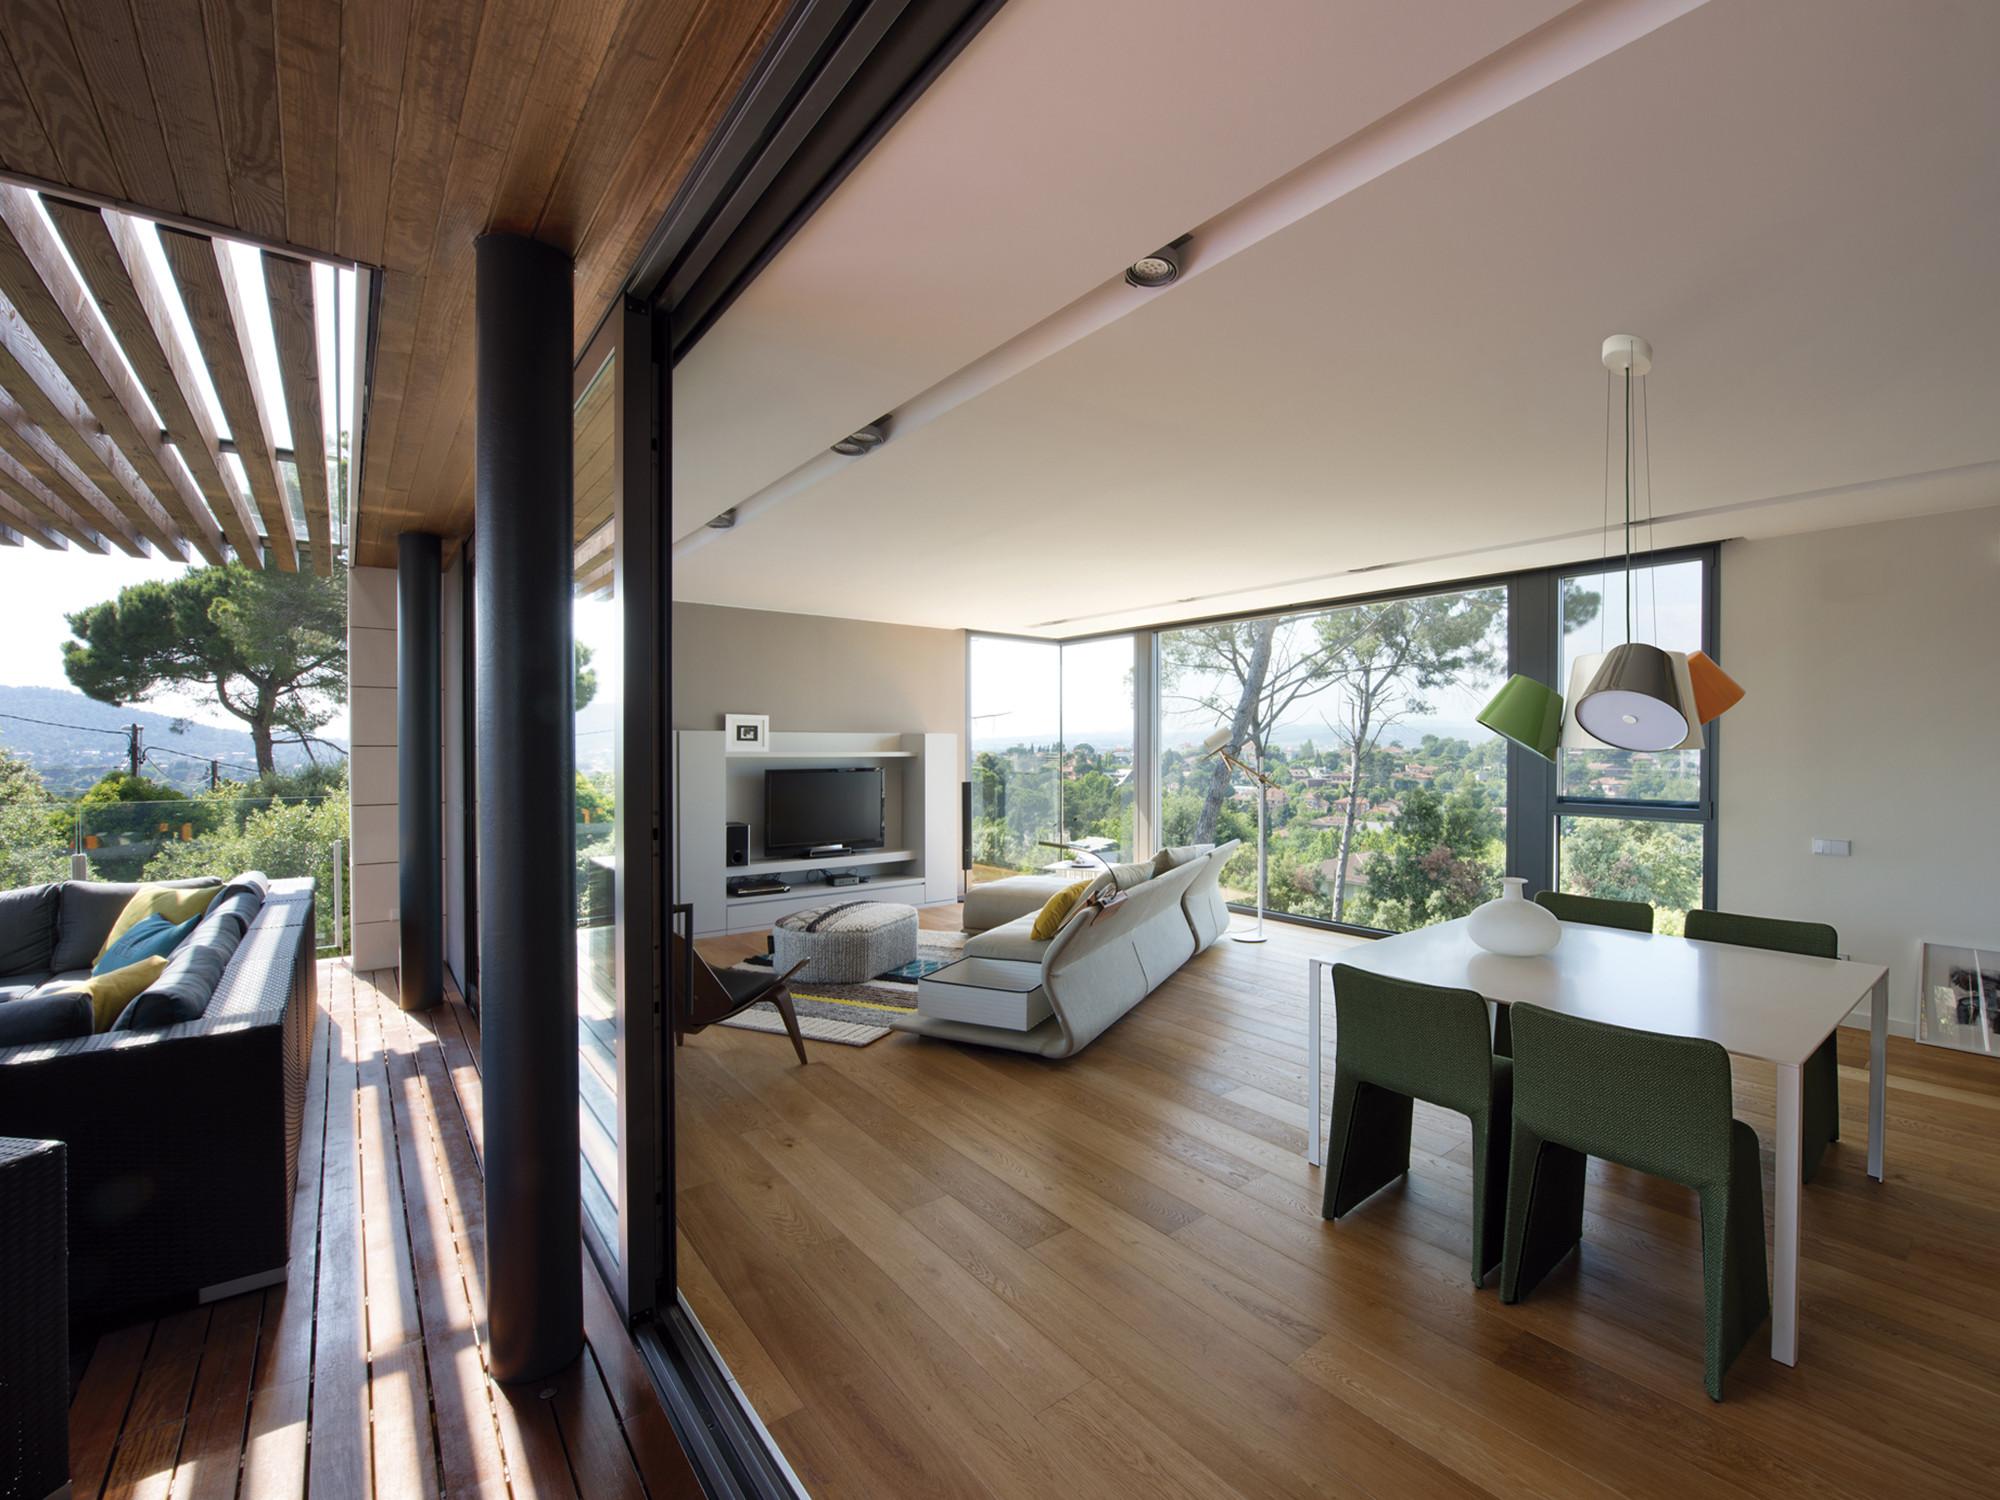 R house artigas arquitectes archdaily for R house design